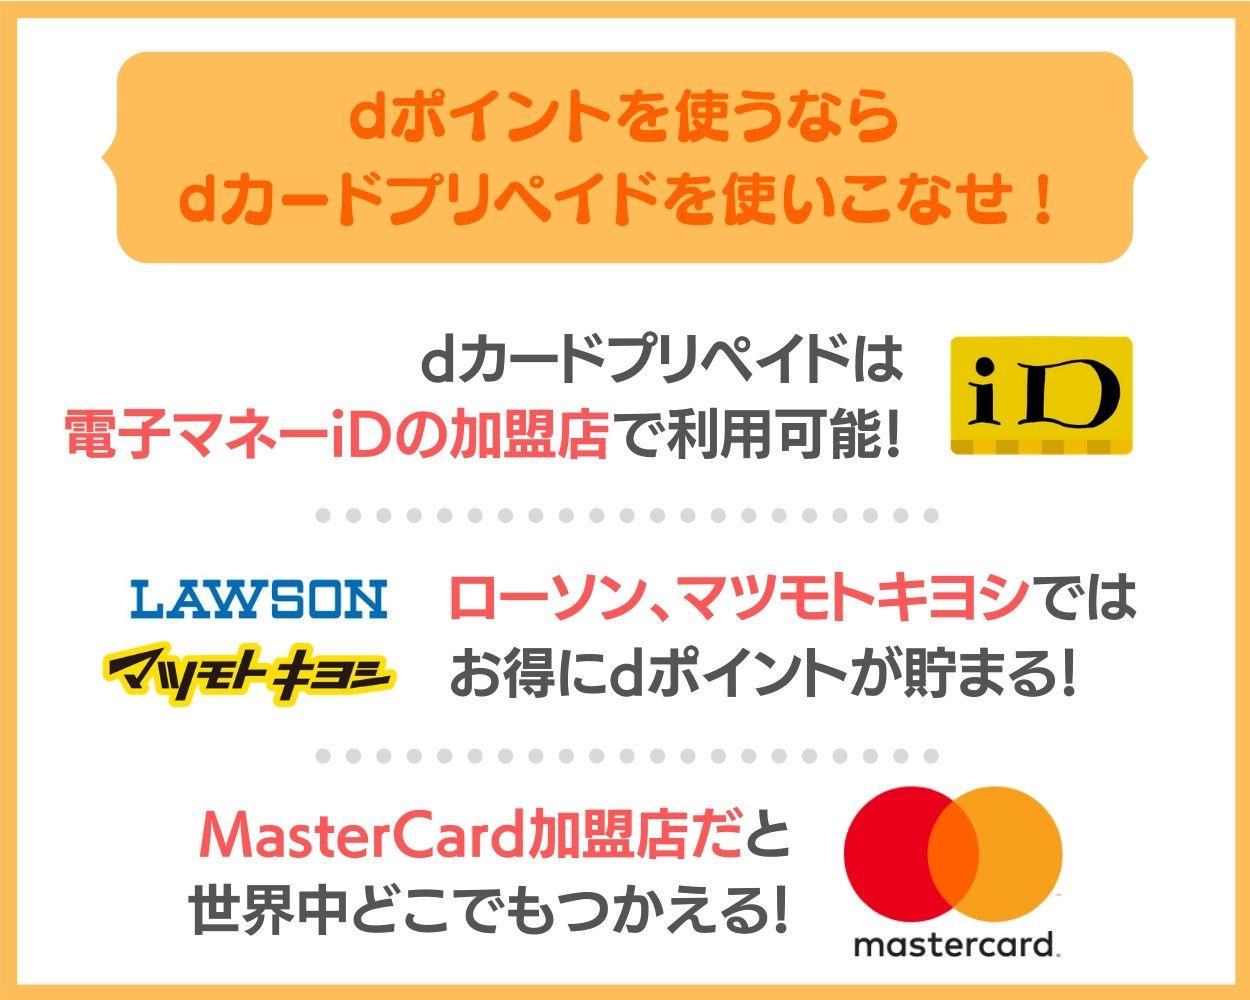 dポイントを使うなら必須!dカードプリペイドを使い倒す方法